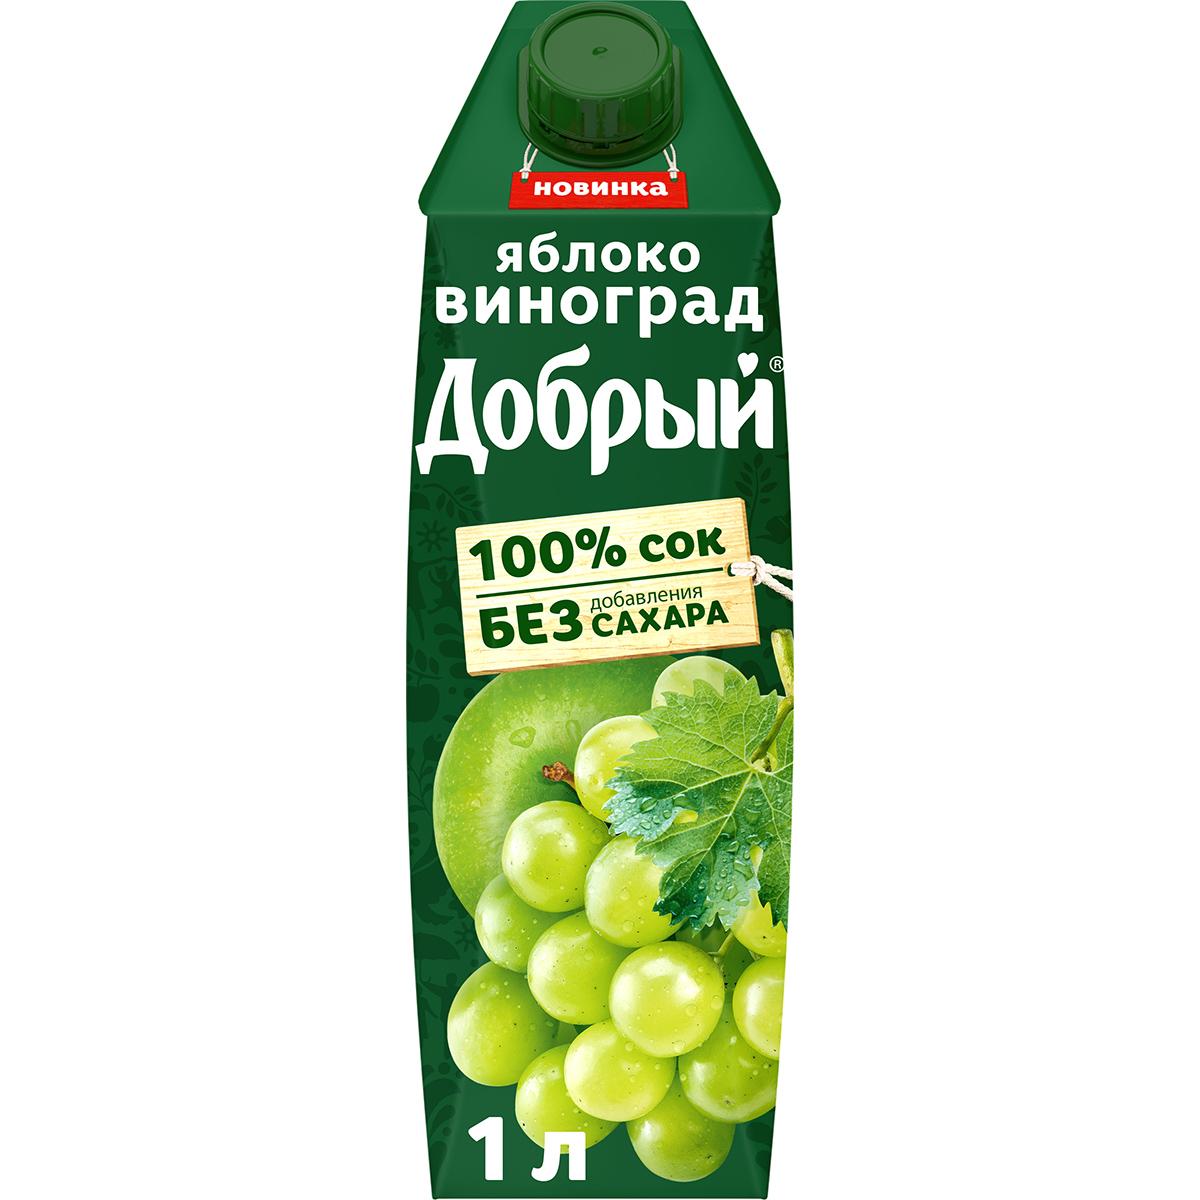 Фото - Сок Добрый Яблоко-виноград 1 л добрый сок мультифрукт добрый